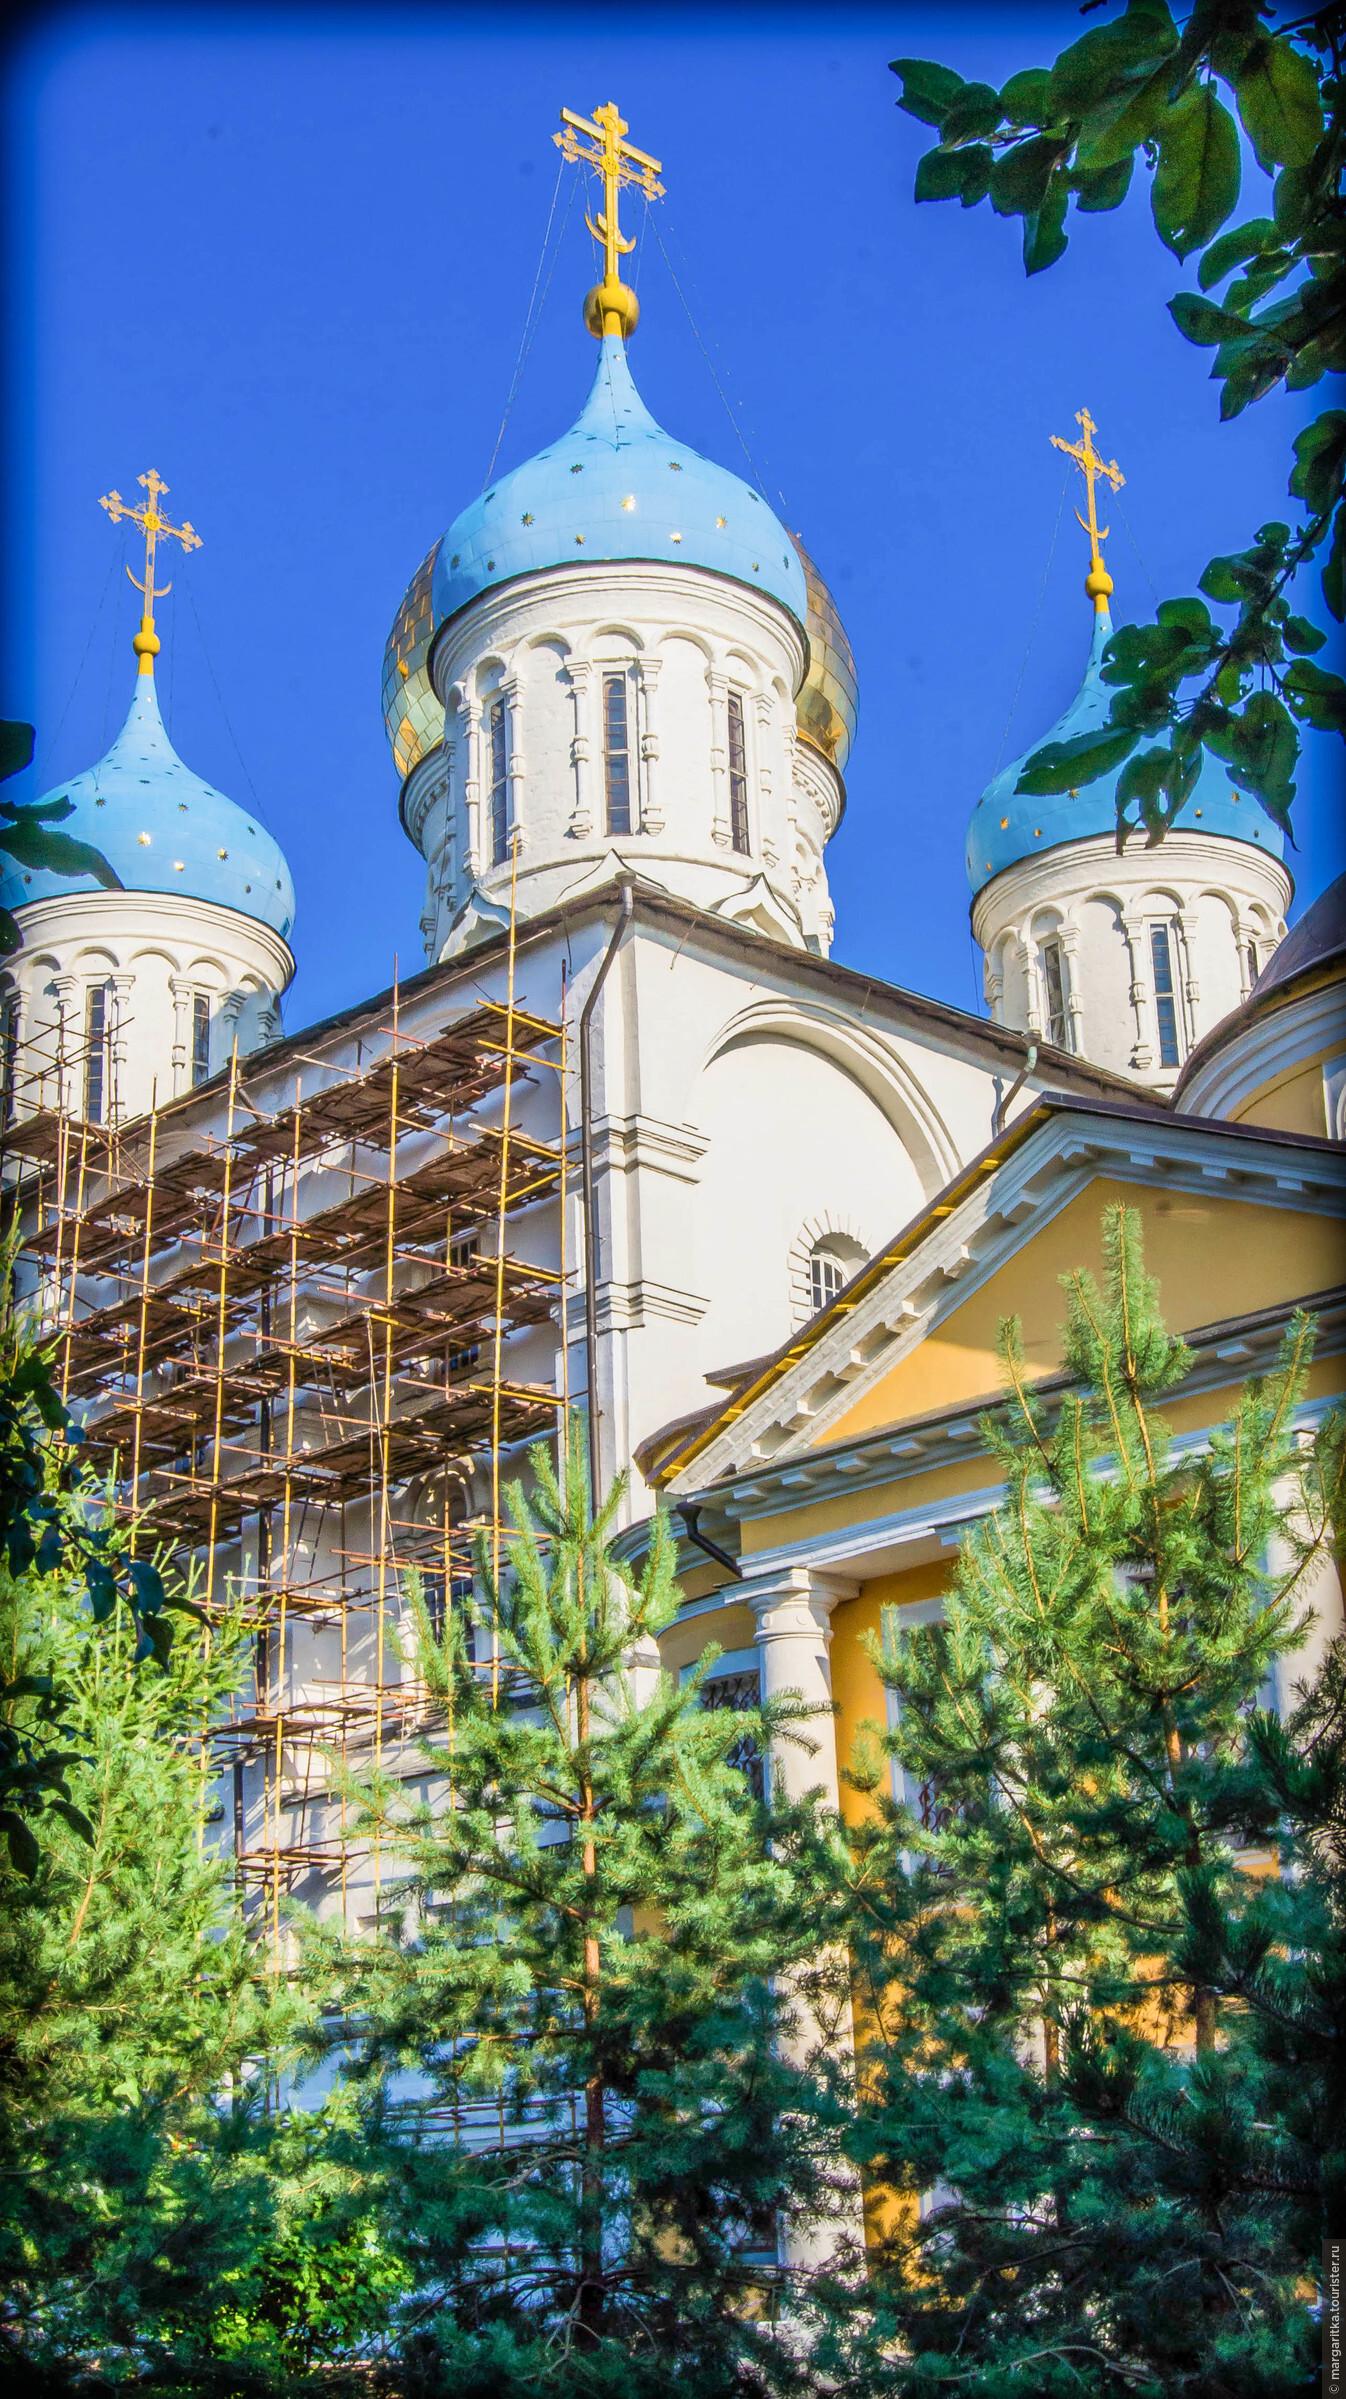 """Фото из альбома """"Новоспасский монастырь. Москва"""", Москва, Россия"""